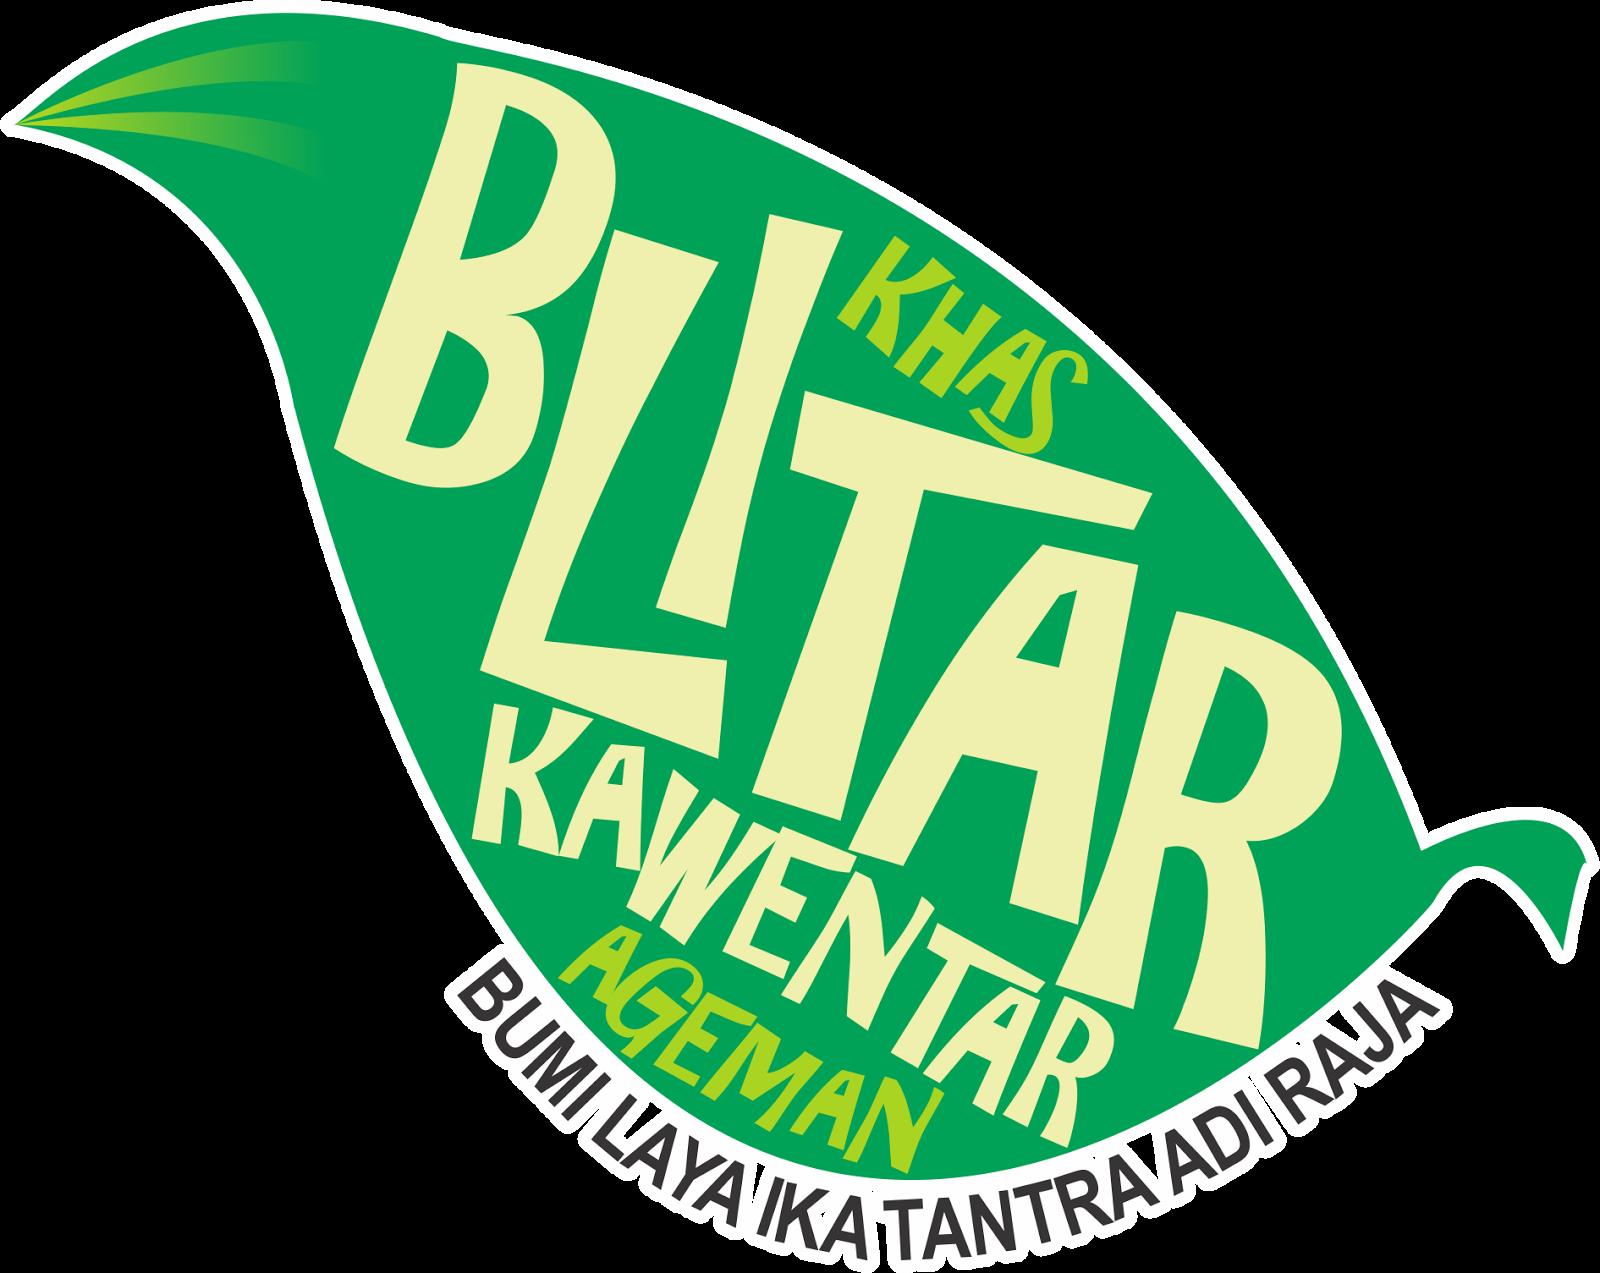 Design Ikon Oleh Oleh Kabupaten Blitar